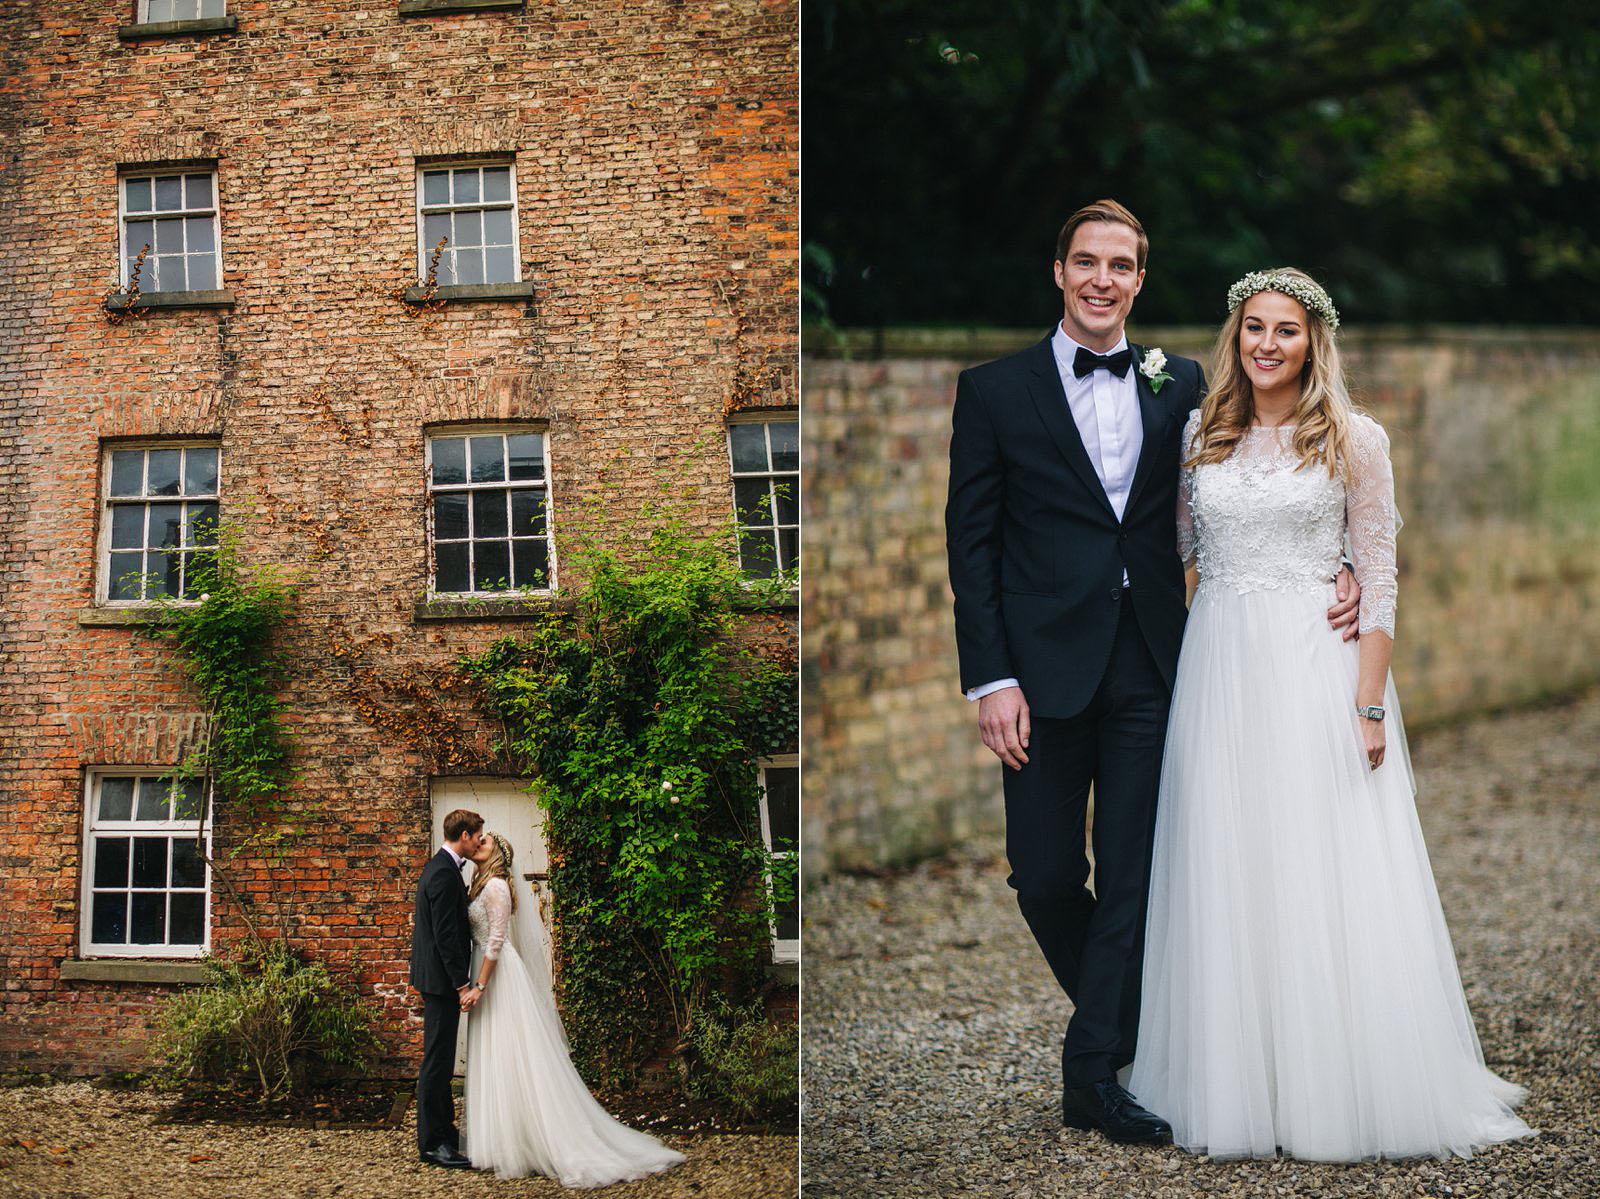 wedding at Saltmarshe Hall